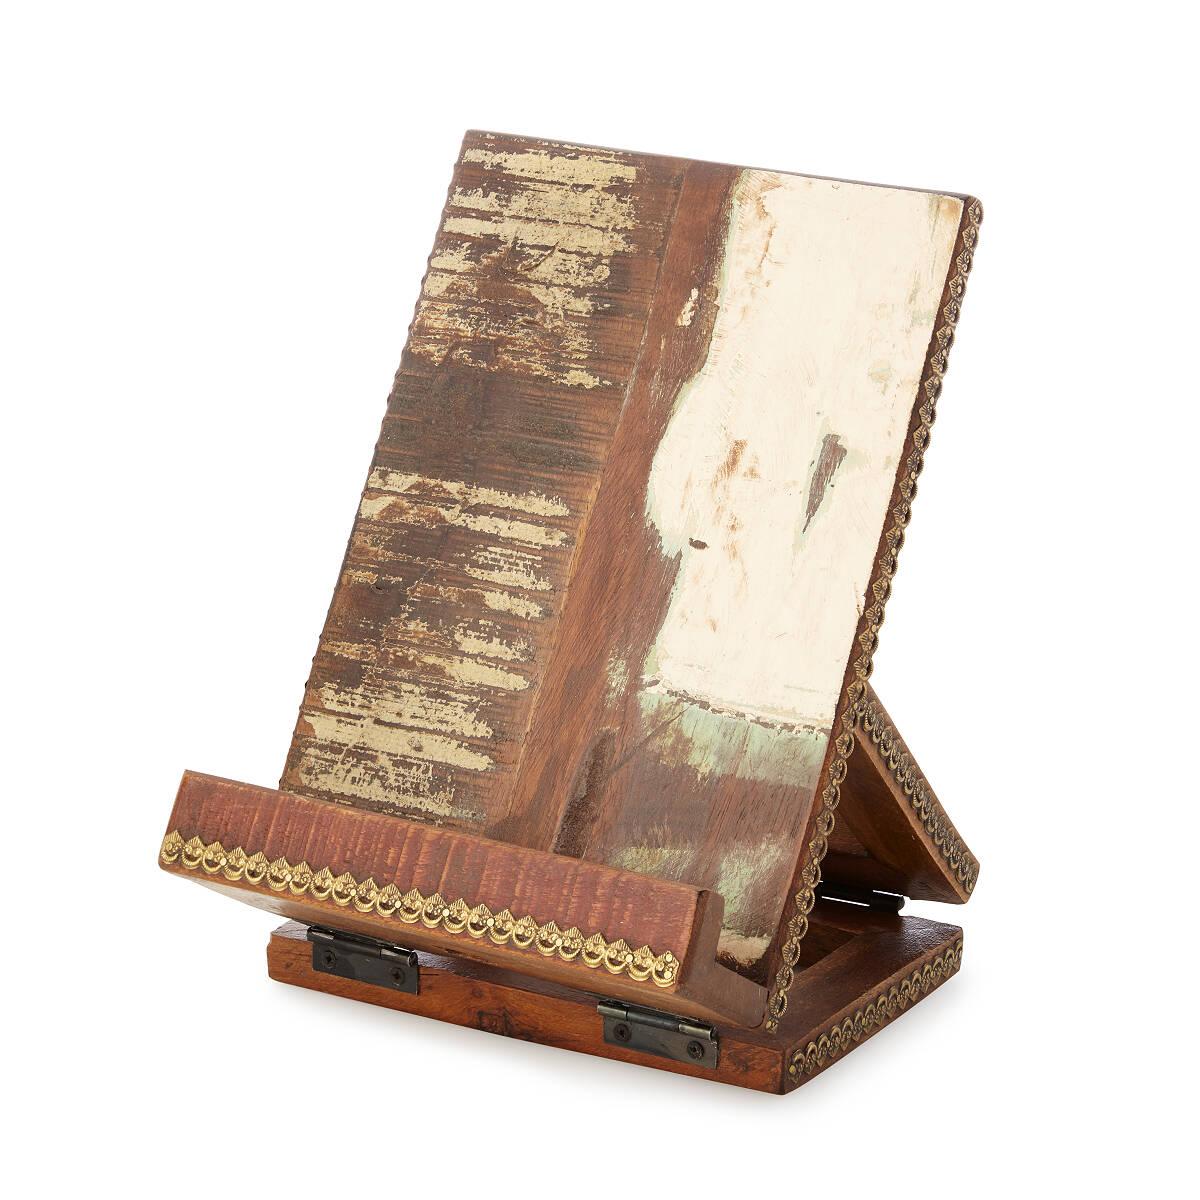 Salvaged Wood Cookbook U0026 Tablet Stand 2 Thumbnail